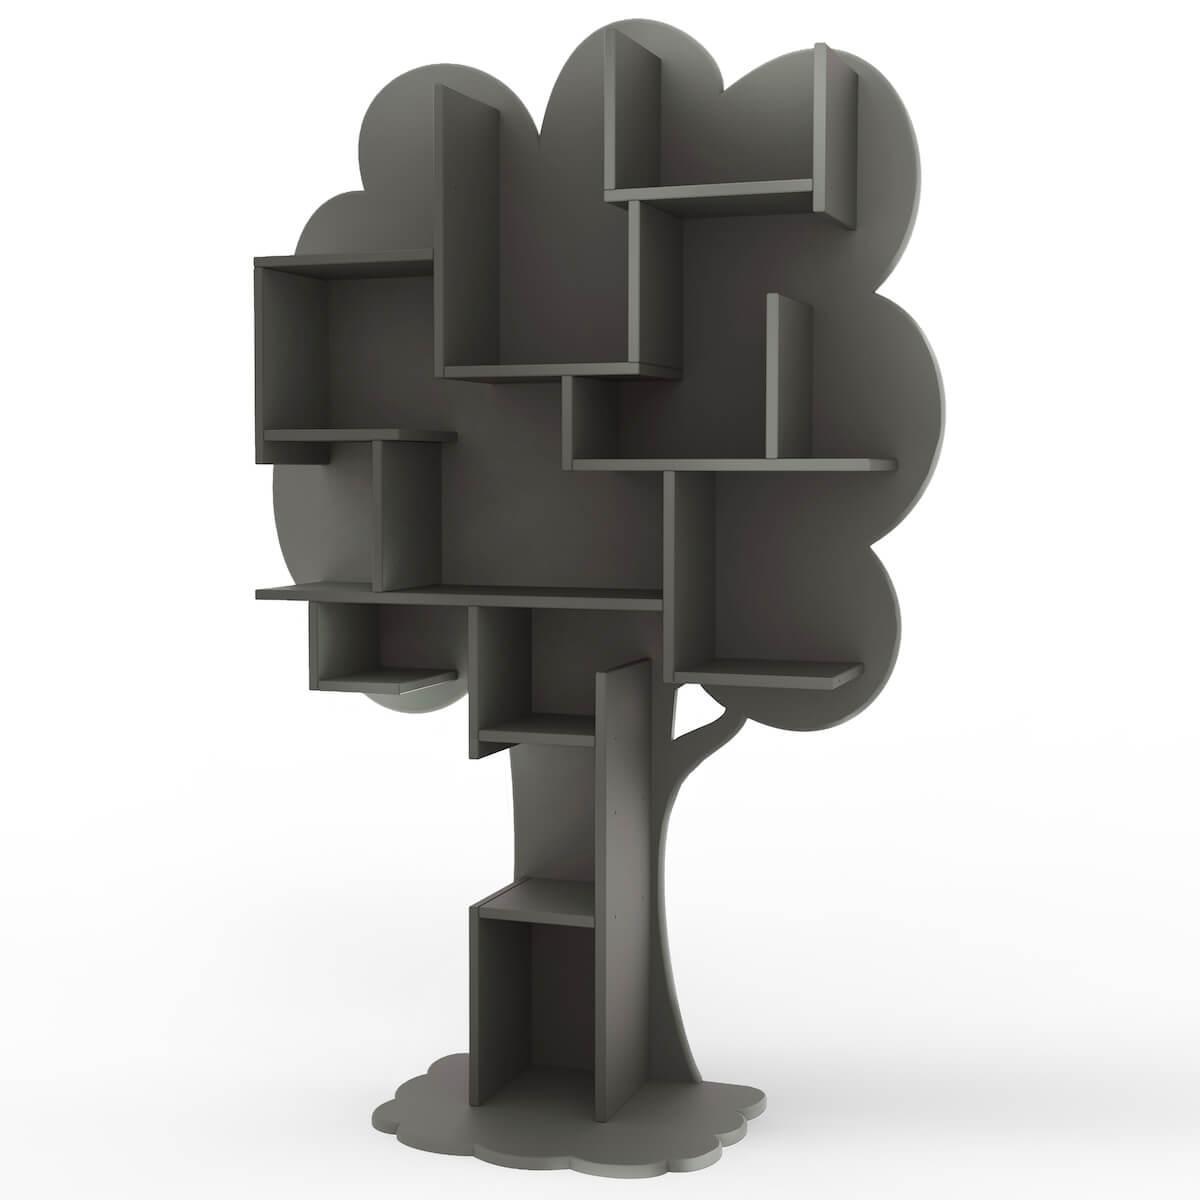 Bibliothèque arbre LOUANE Mathy by Bols gris basalte